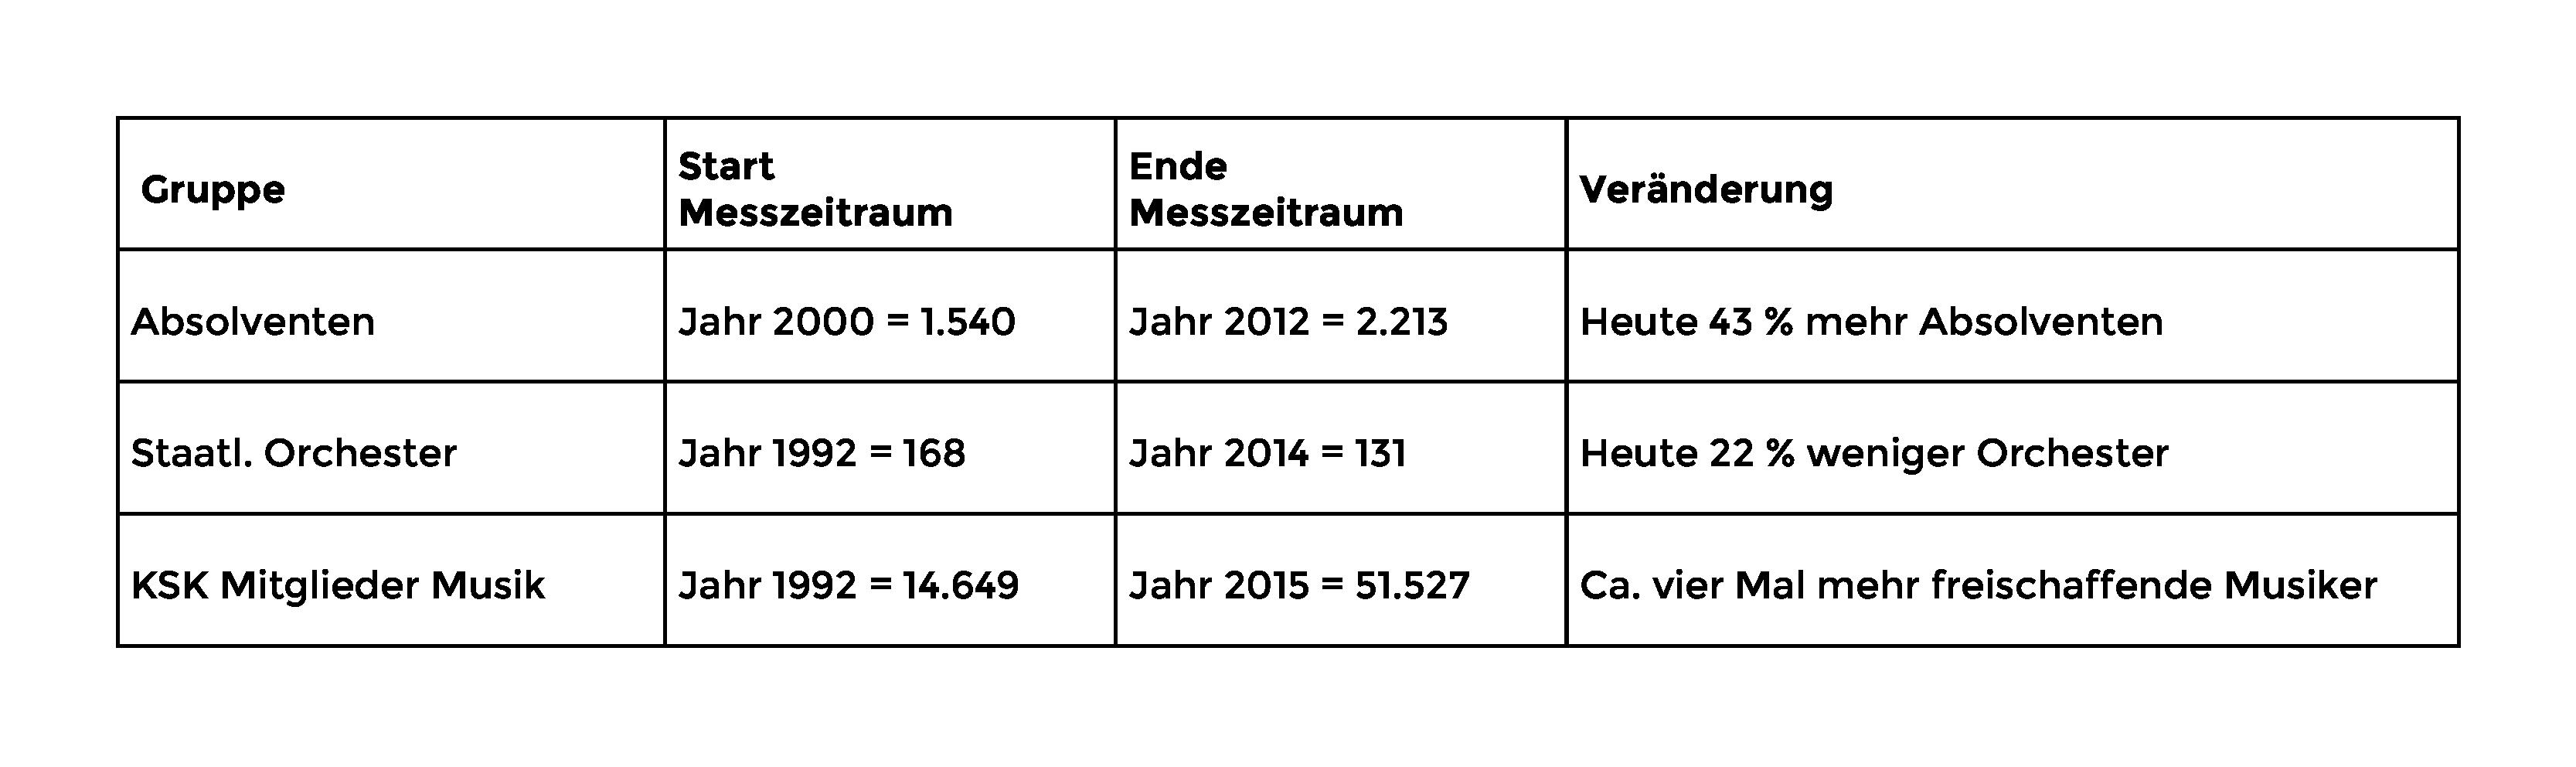 Abbildung aus: Bishop, Esther (2018) »Musikstudium und danach« in: Tröndle, Martin (Hg.)(2018): Das Konzert II, Beiträge zum Forschungsfeld der Concert Studies, Bielefeld: transcript, S. 333-347